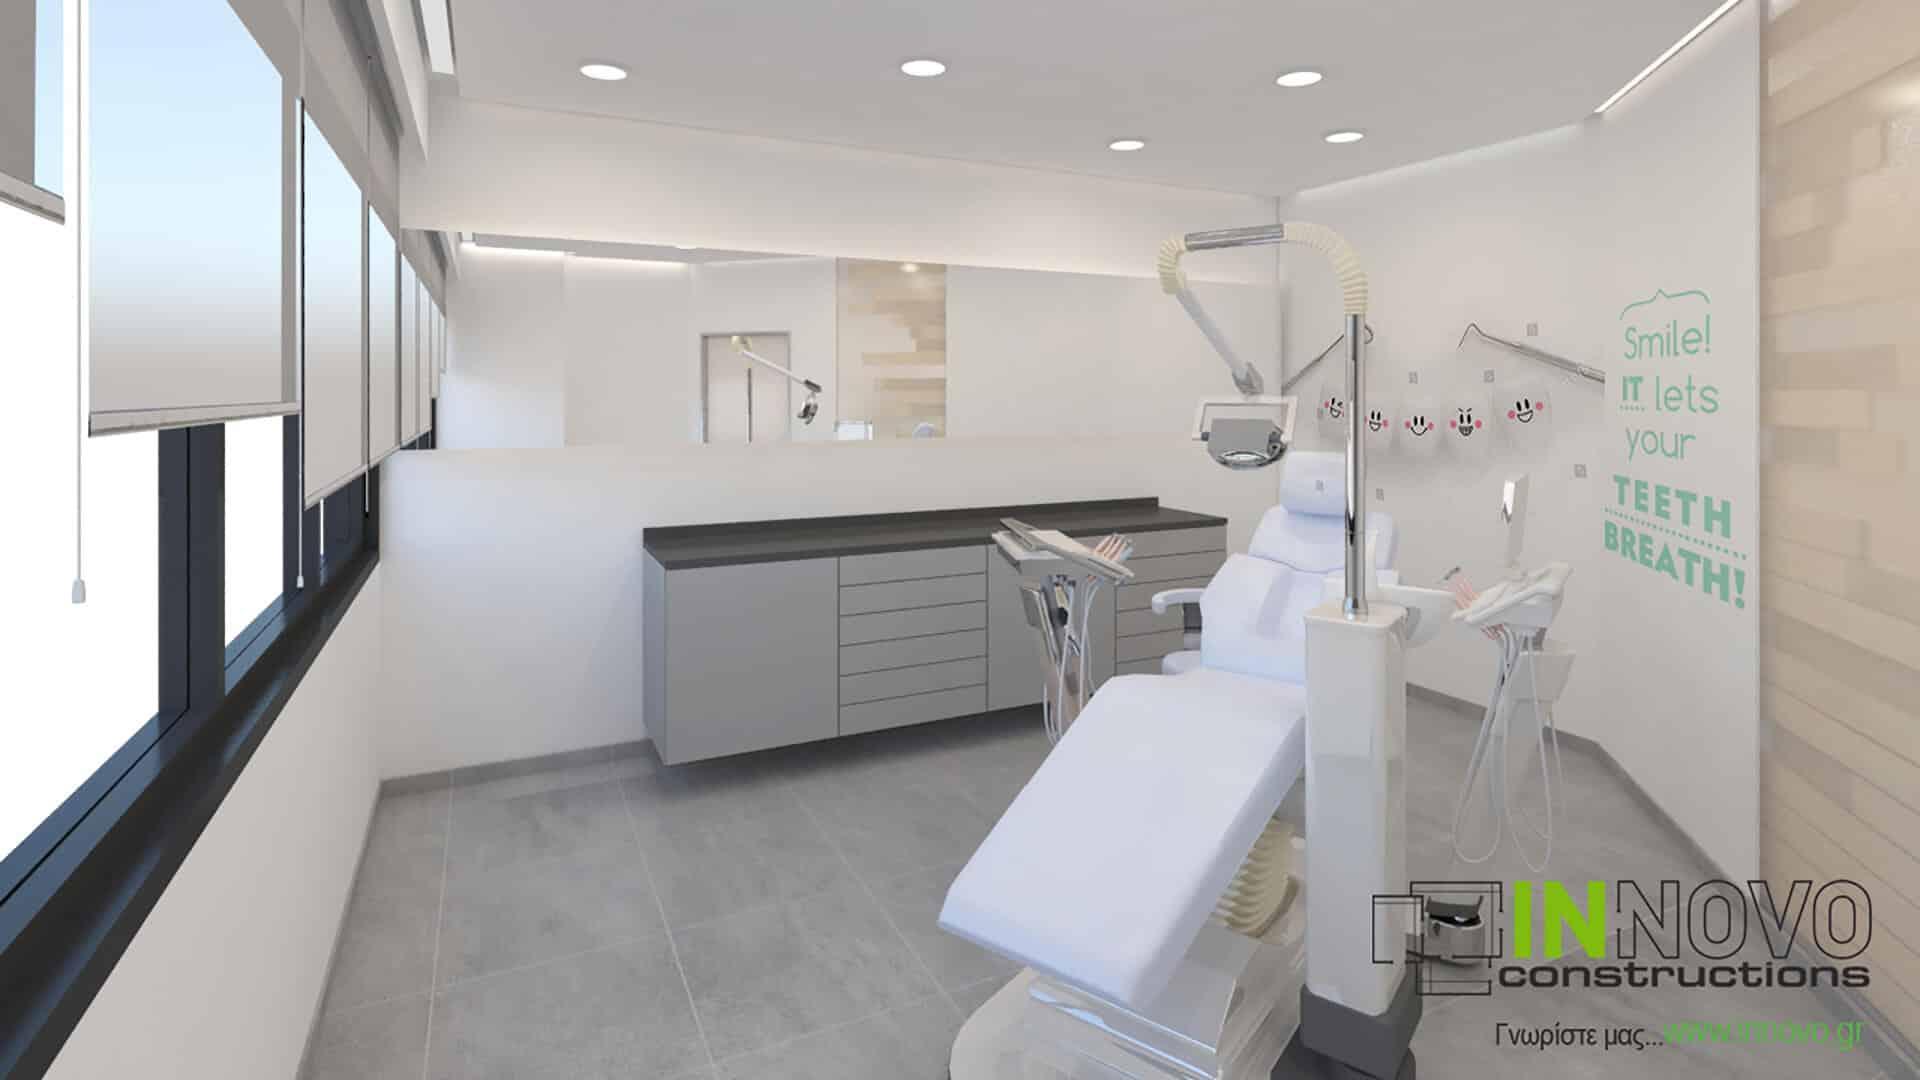 Μελέτη εξοπλισμού οδοντιατρείου στο Παλαιό Φάληρο